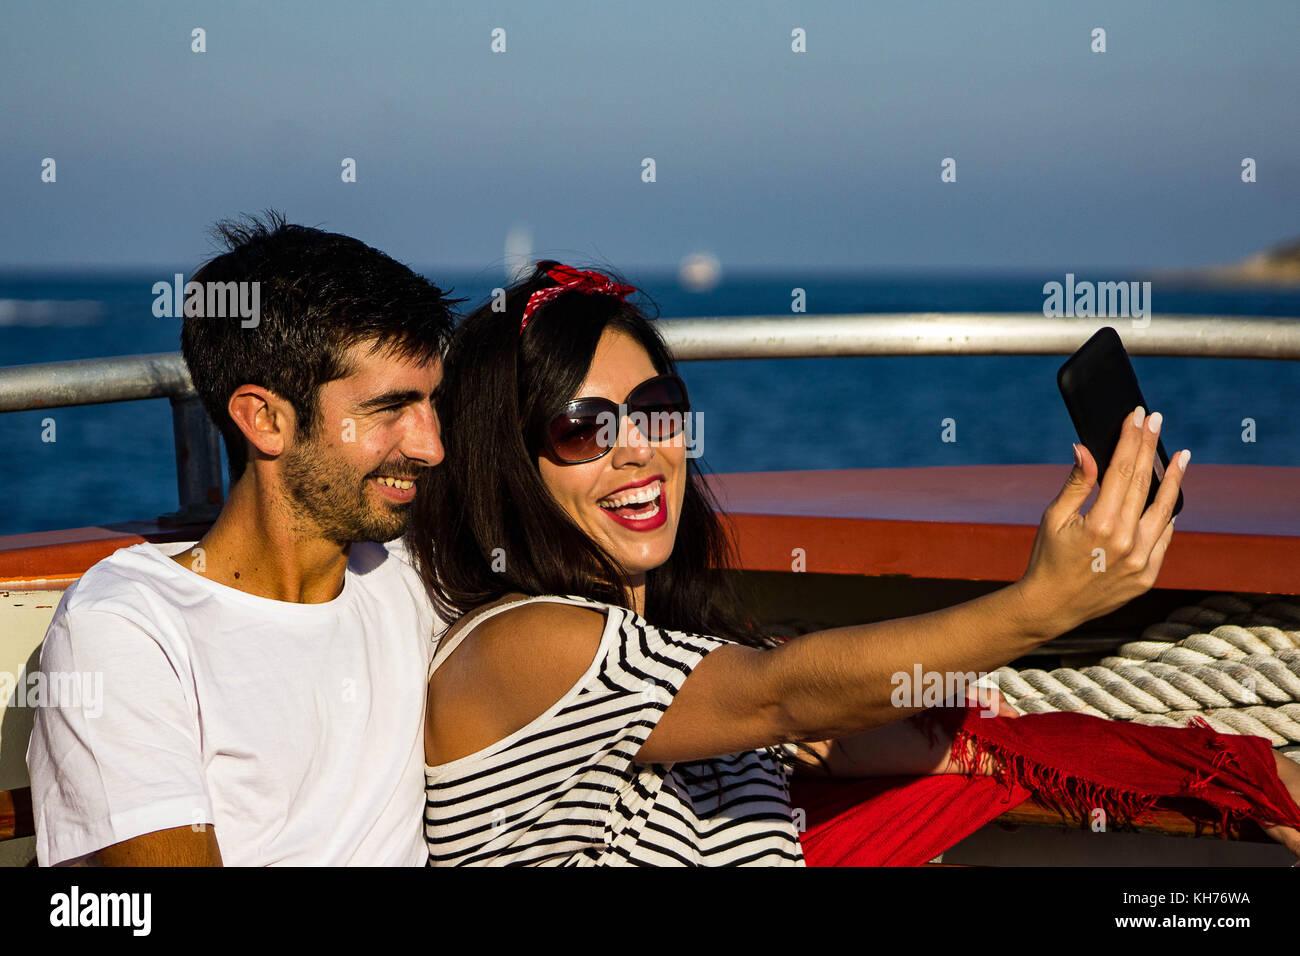 Par selfie en un barco de vacaciones Imagen De Stock